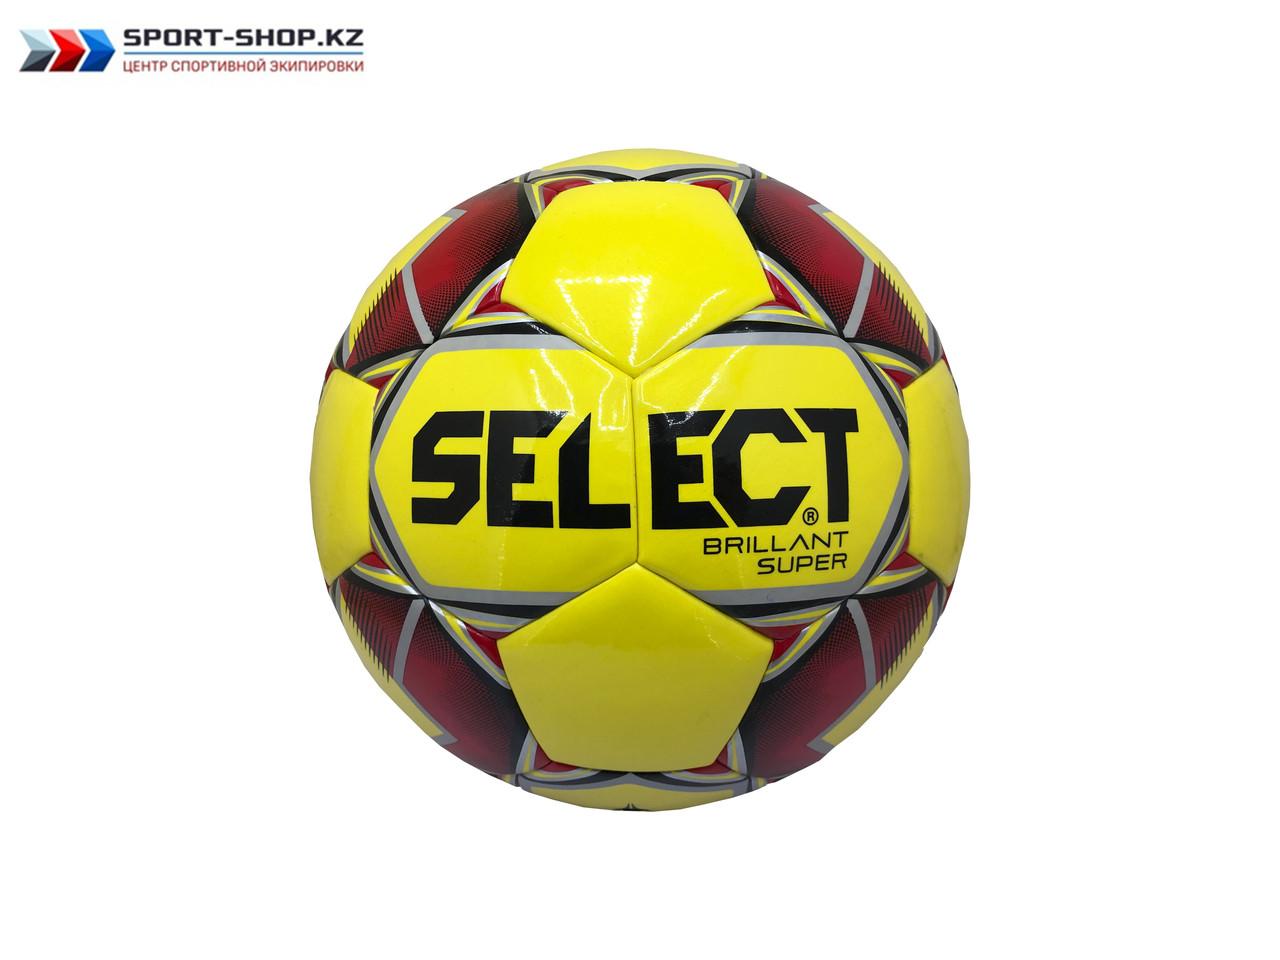 Футзальный мяч SELECT BRILLIANT SUPER Fifa original